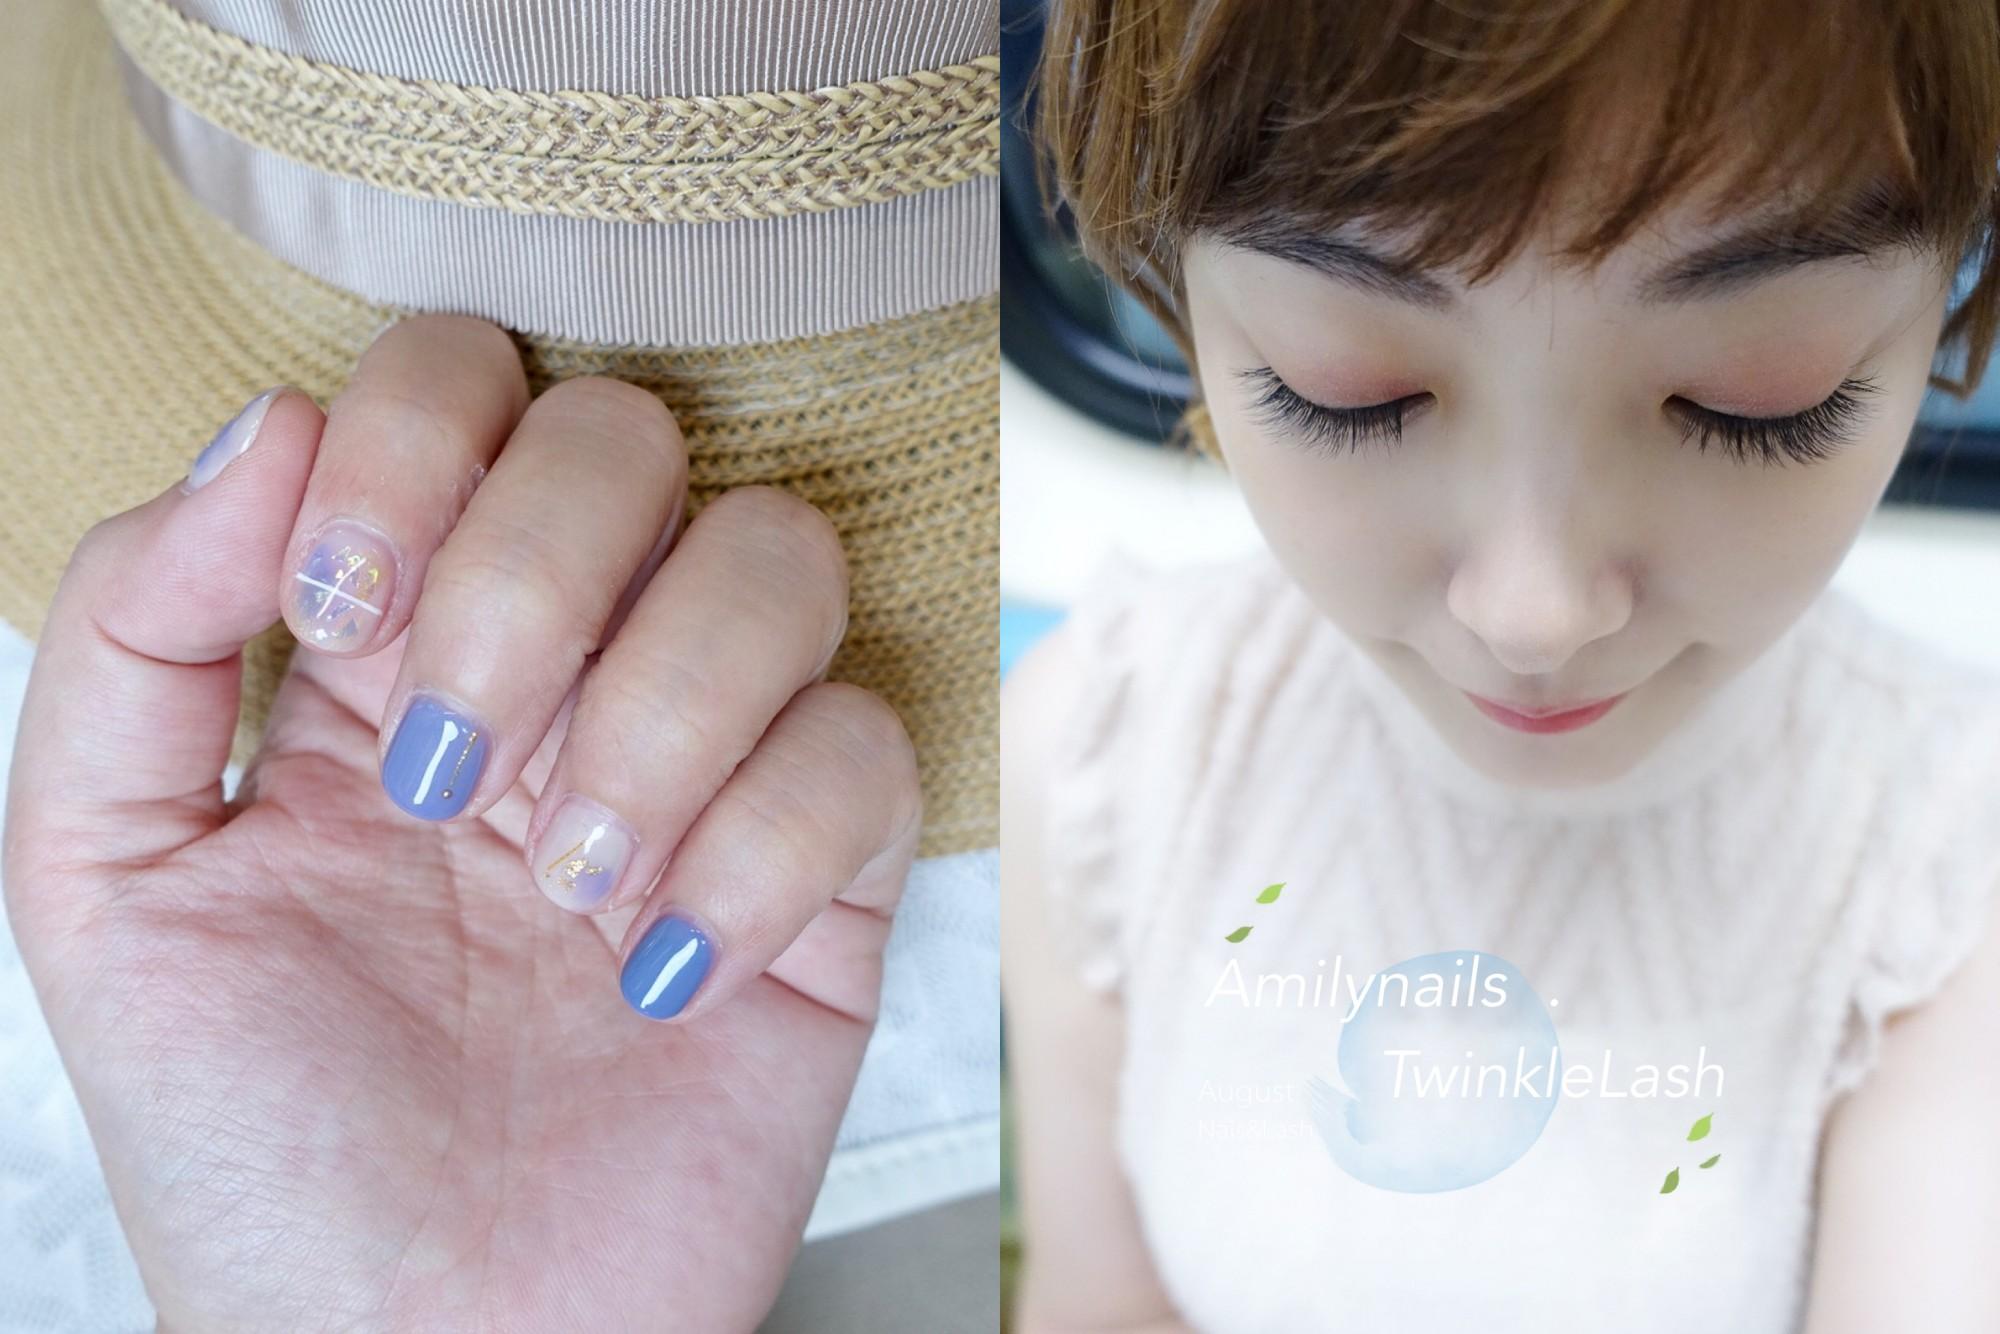 延伸閱讀:☆【美甲+美睫】8月的藍紫色雲彩渲染指甲+日式單根接到滿美睫